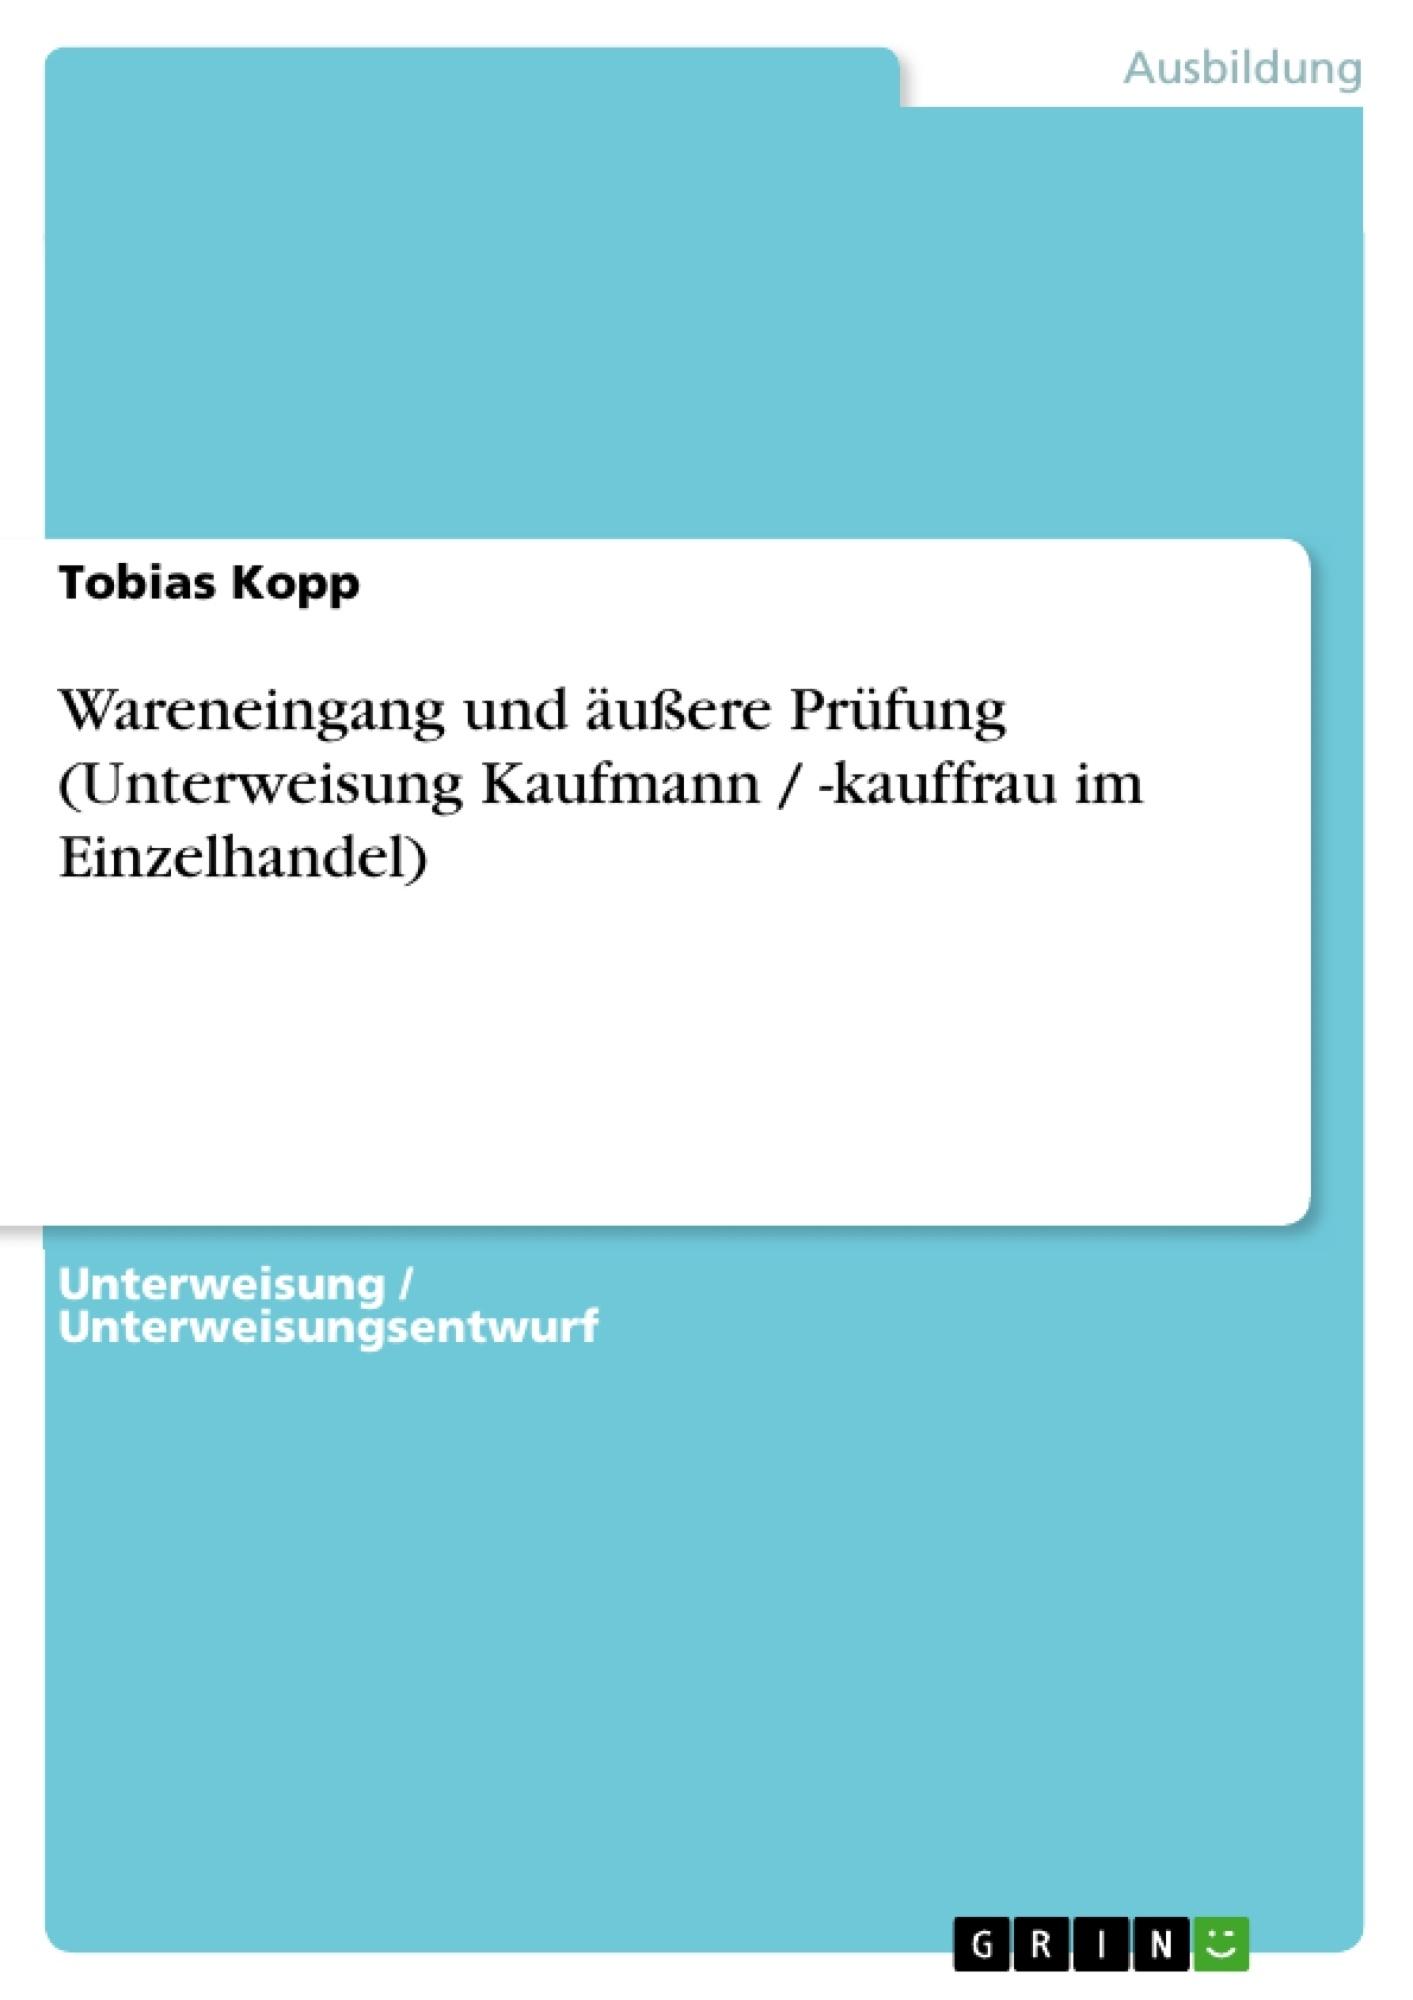 Titel: Wareneingang und äußere Prüfung (Unterweisung Kaufmann / -kauffrau im Einzelhandel)